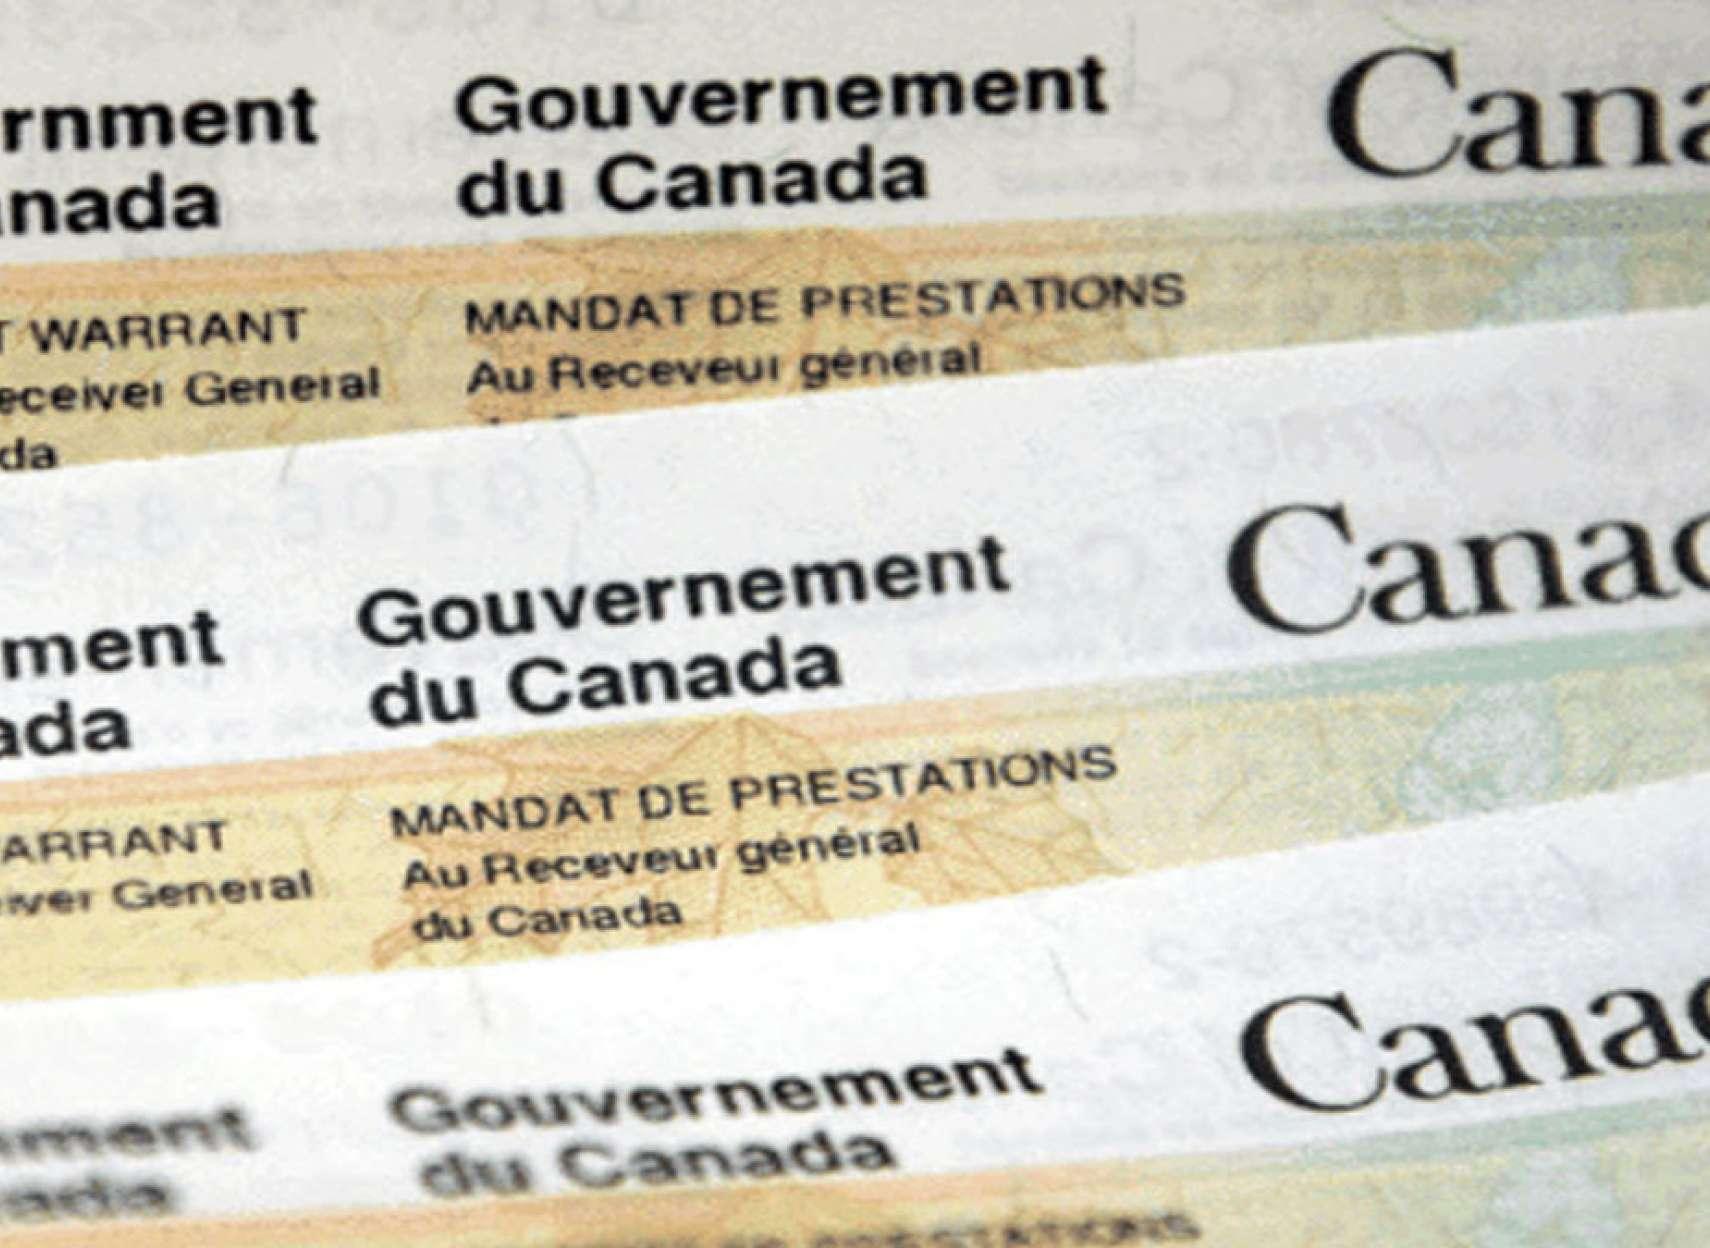 اخبار-کانادا-بیلیون-ها-دلار-کمک-دولتی-کانادا-برای-کرونا-به-جیب-کانادایی-هایی-رفته-که-نیازی-نداشتند